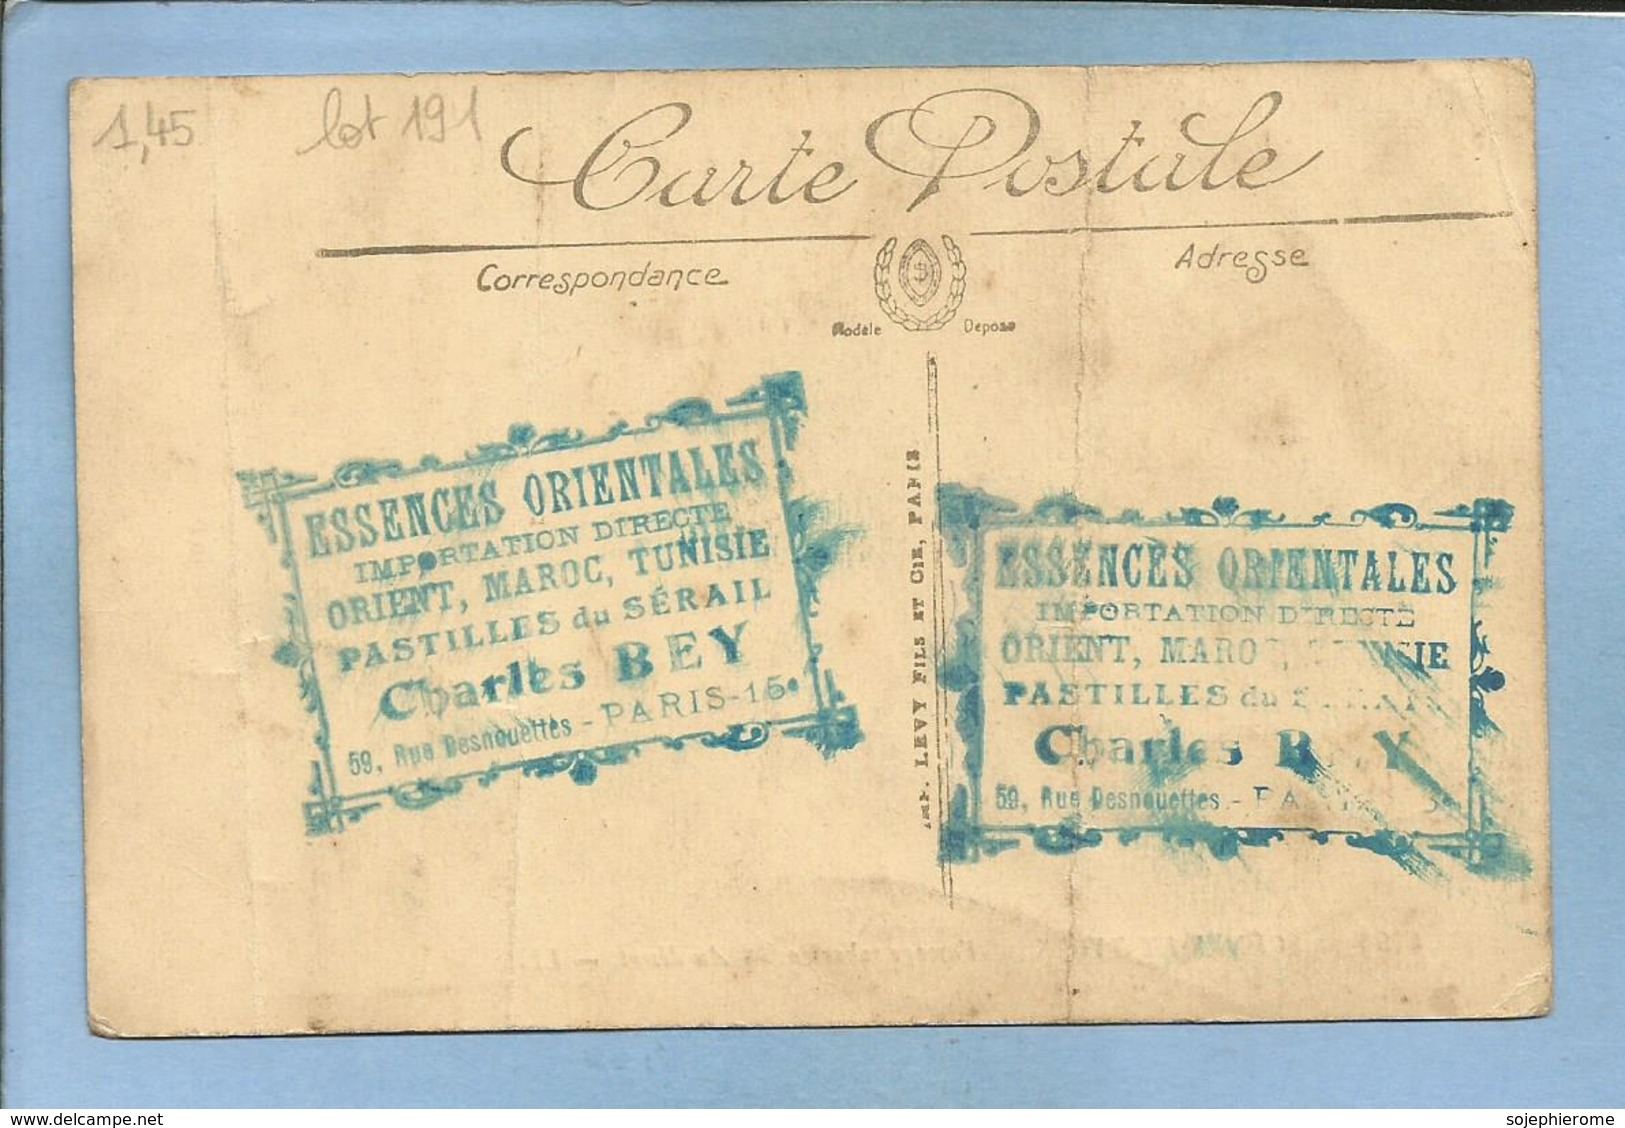 Paris 15e 59 Rue Desnouettes Charles Bey 2 Cachets Bleus 6195 Scènes Et Types Paysage Saharien Au Désert Dromadaires - Distretto: 15